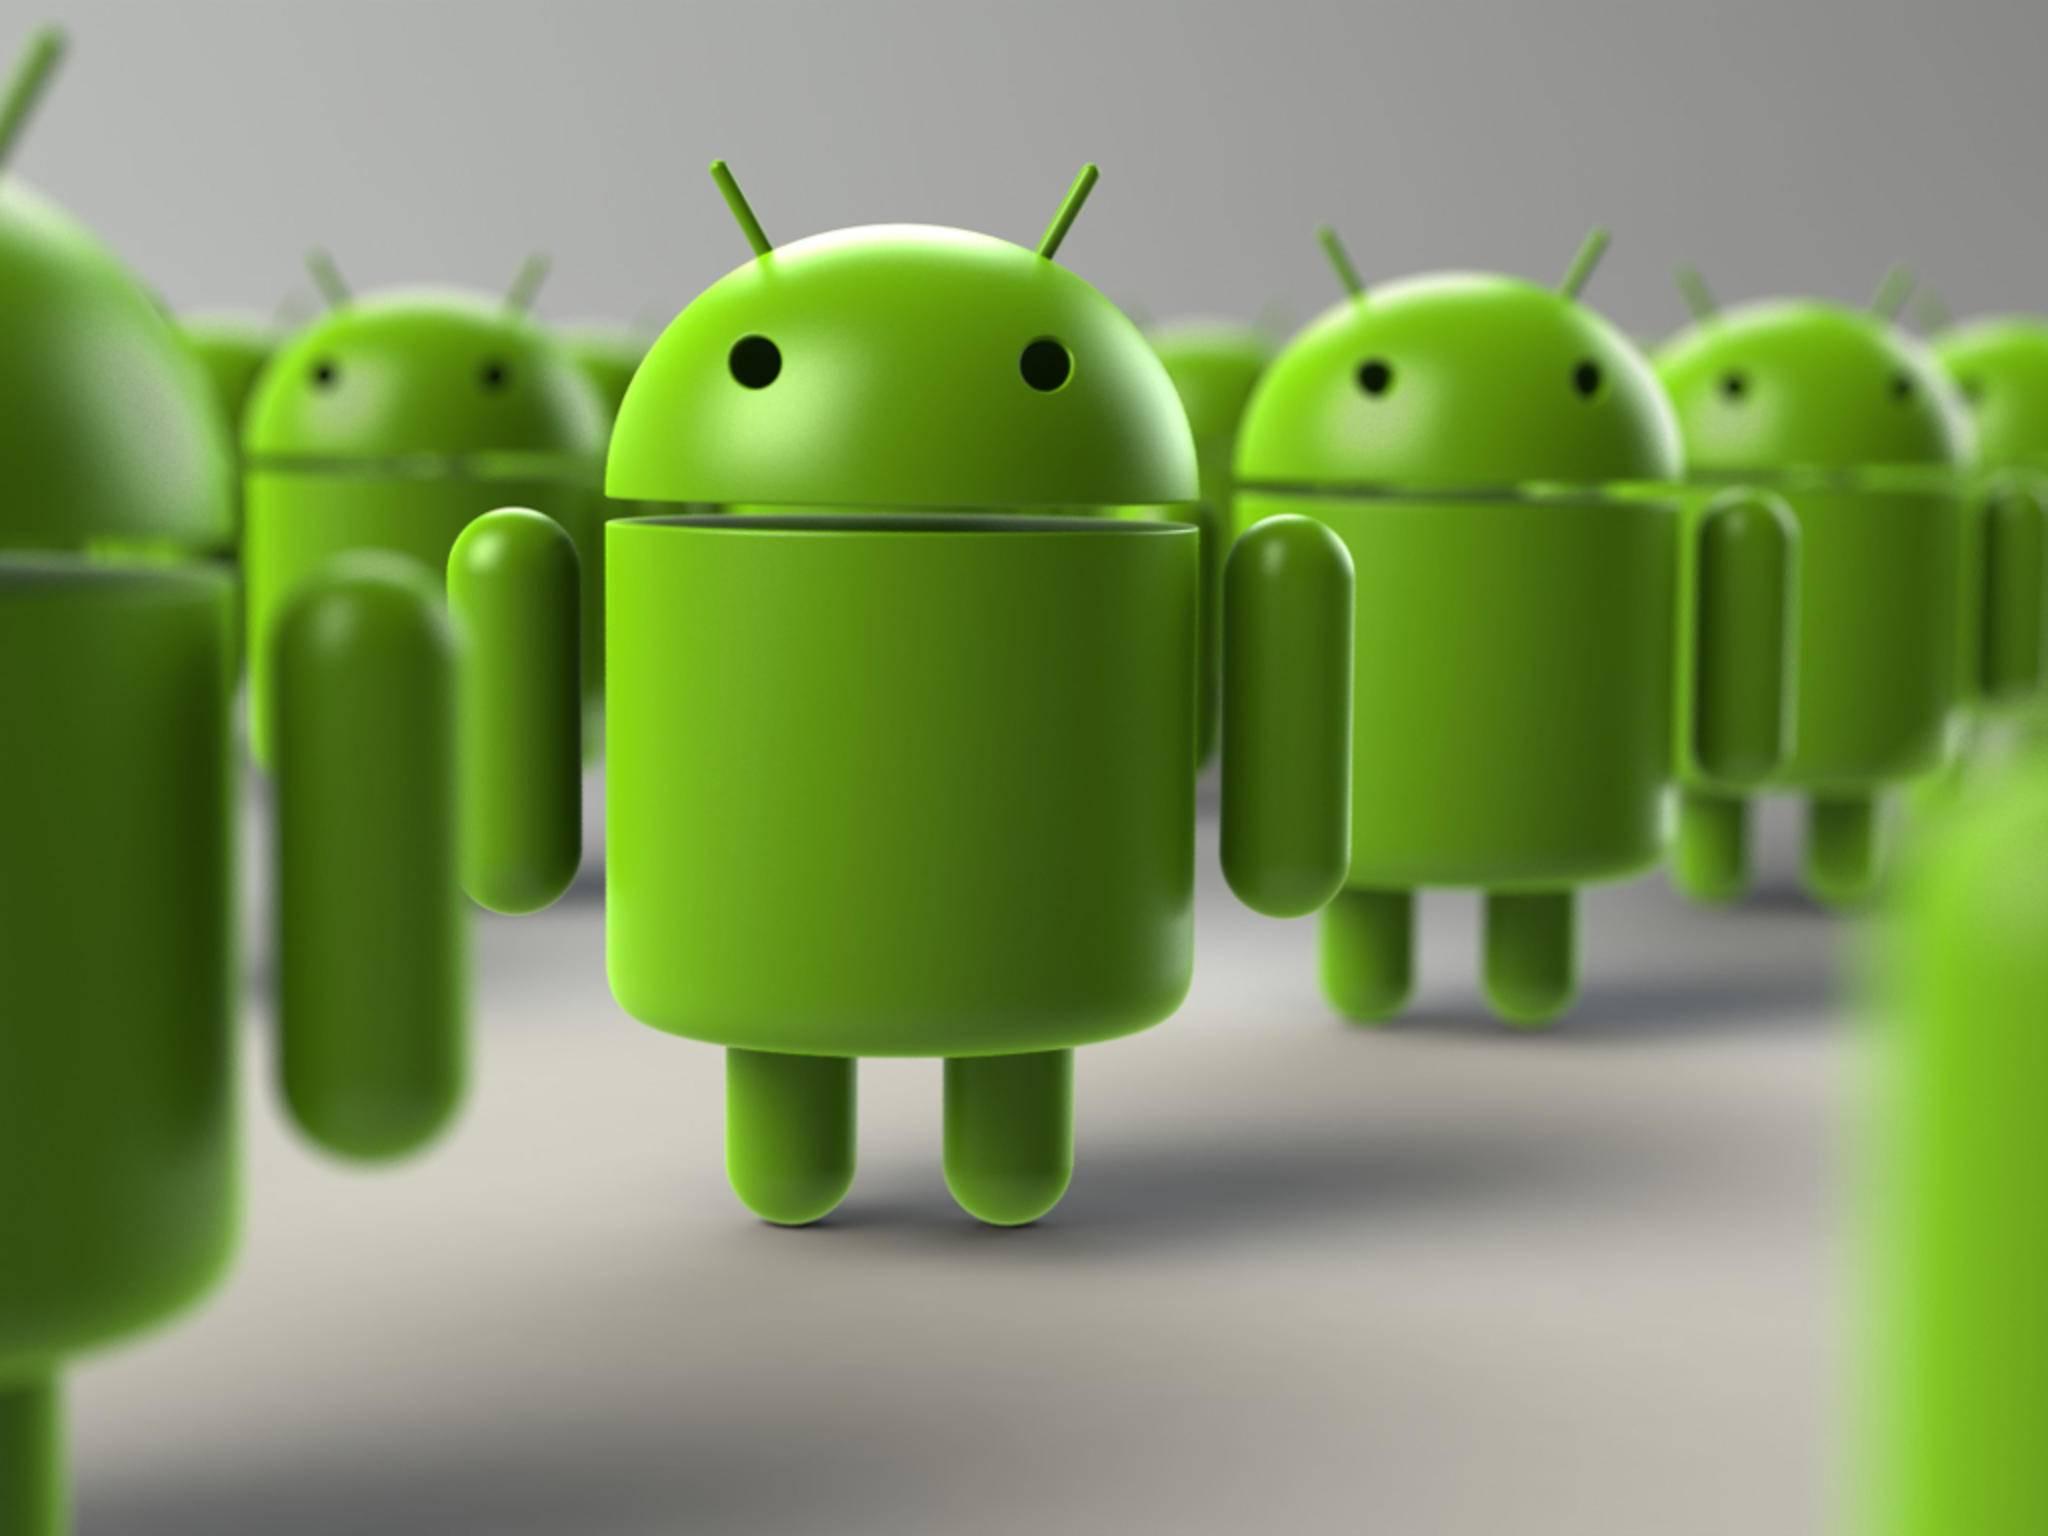 Android-Smartphones sollen über Chrome mit sogenannten Beacons kommunizieren können.